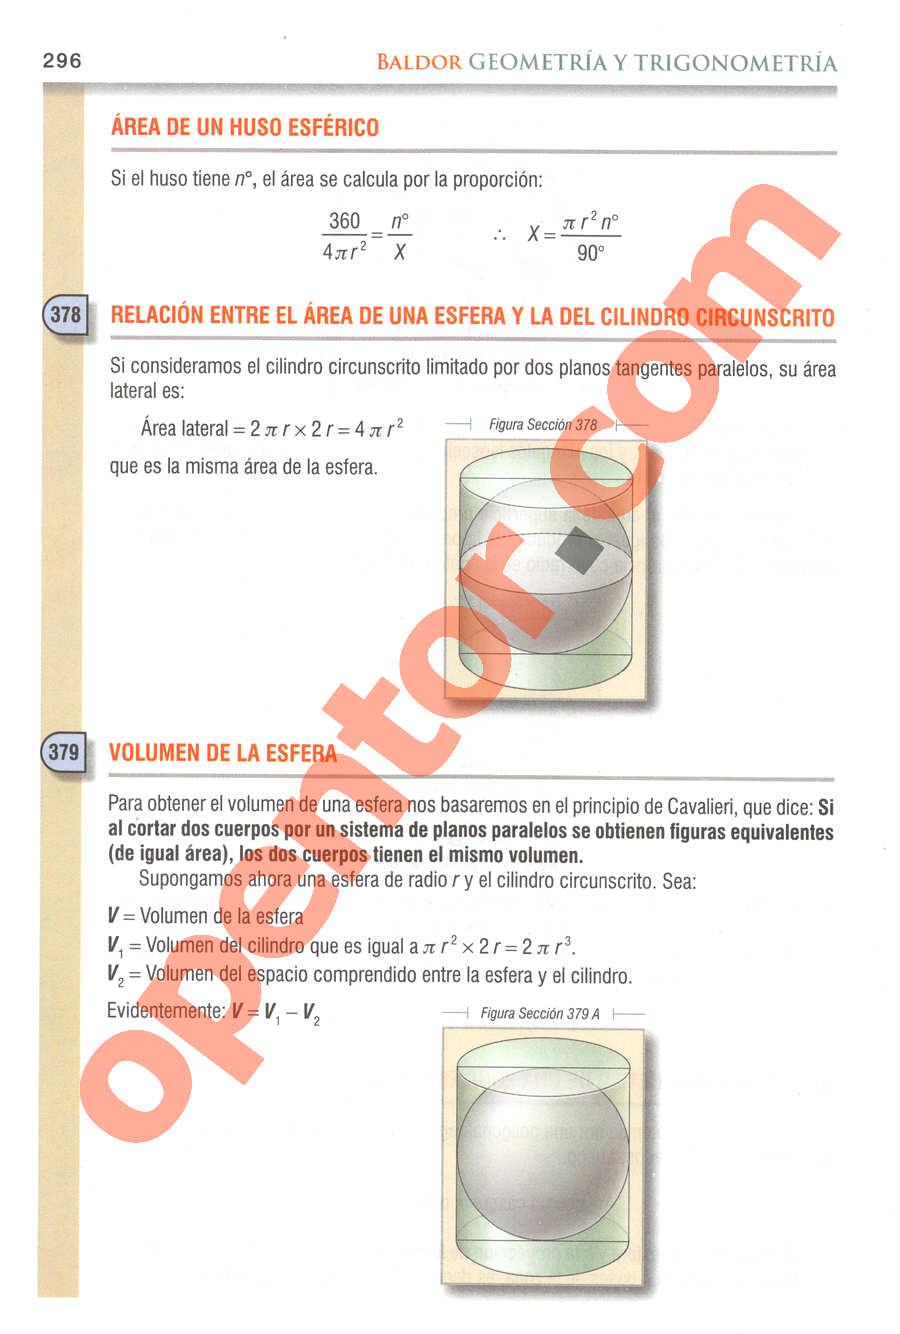 Geometría y Trigonometría de Baldor - Página 296